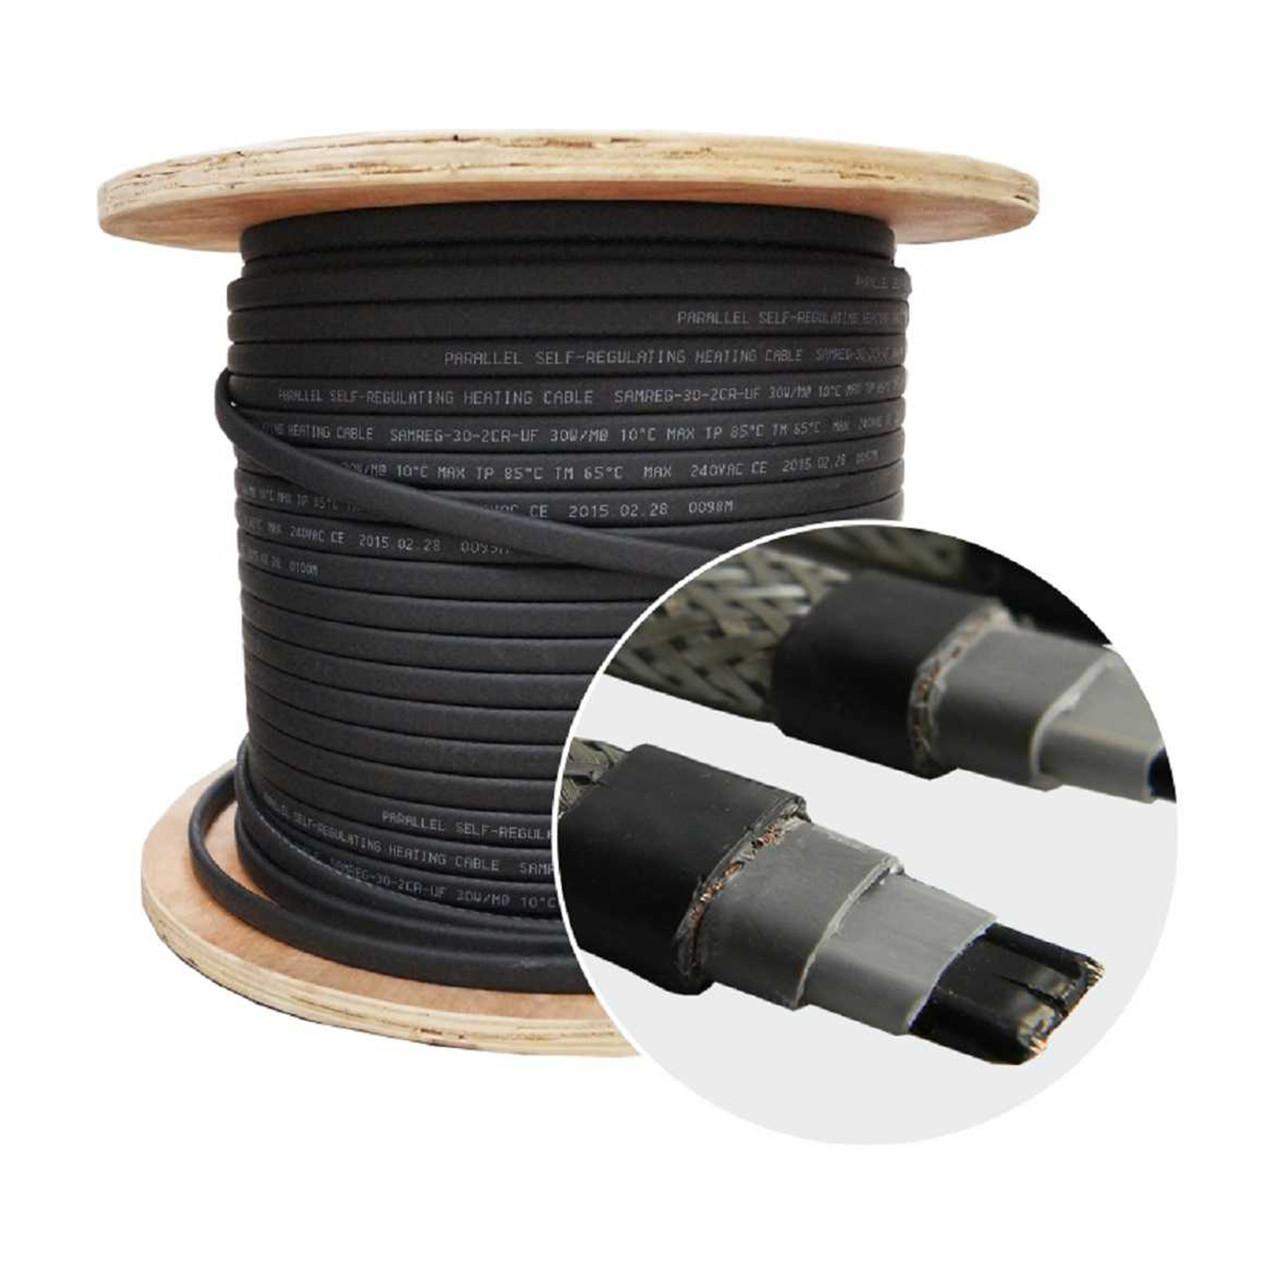 Саморегулирующийся нагревательный кабель SRL 40-2CR-UF(антиобледенение)